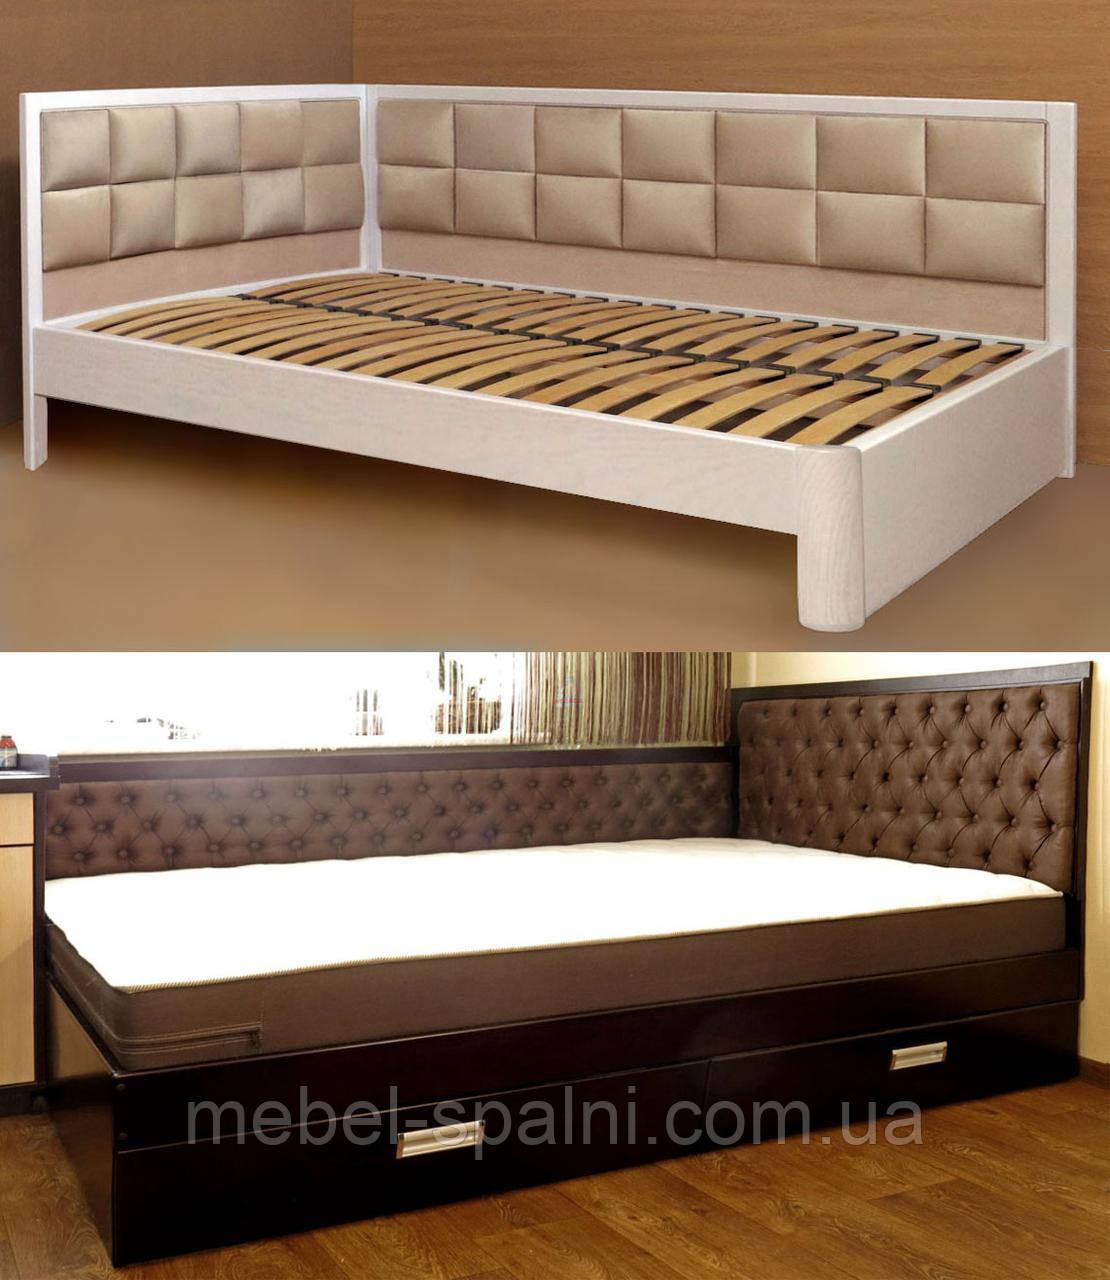 Кровать полуторная «Агата»